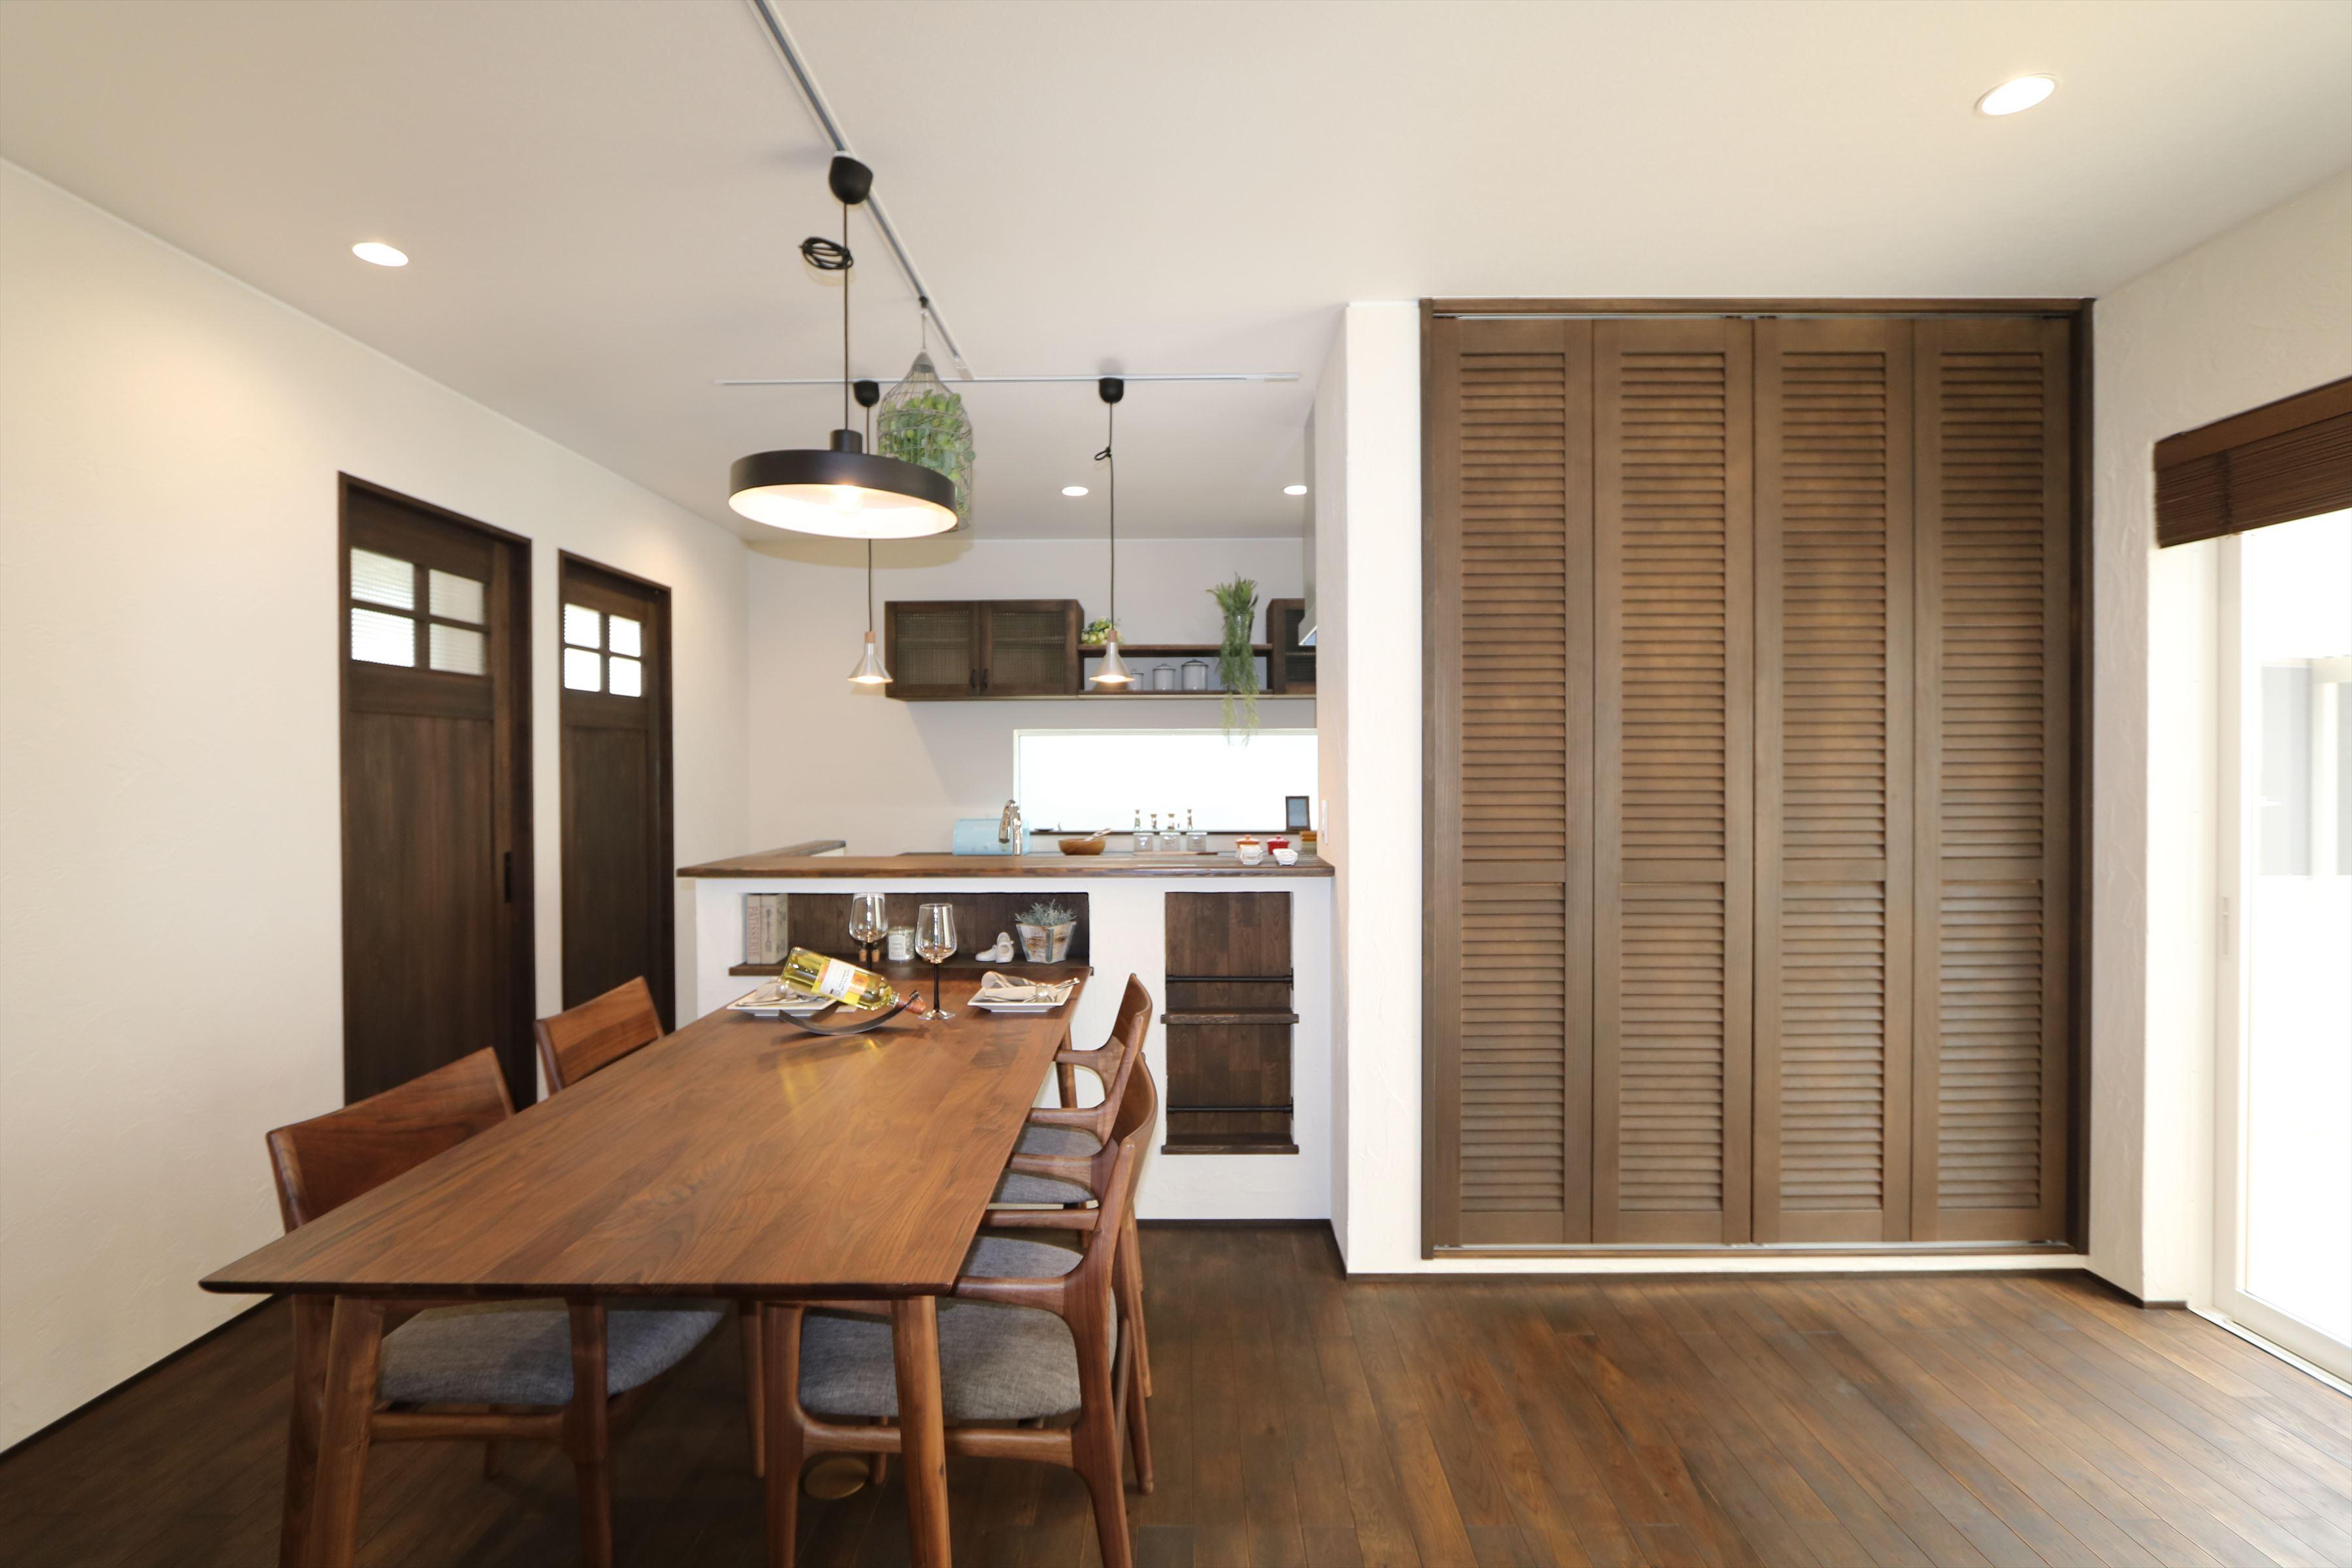 施工事例過去|大人シックなフレンチスタイルの家|石川県金沢市の注文住宅・デザイン性・新築の家・戸建て|E-HOUSE